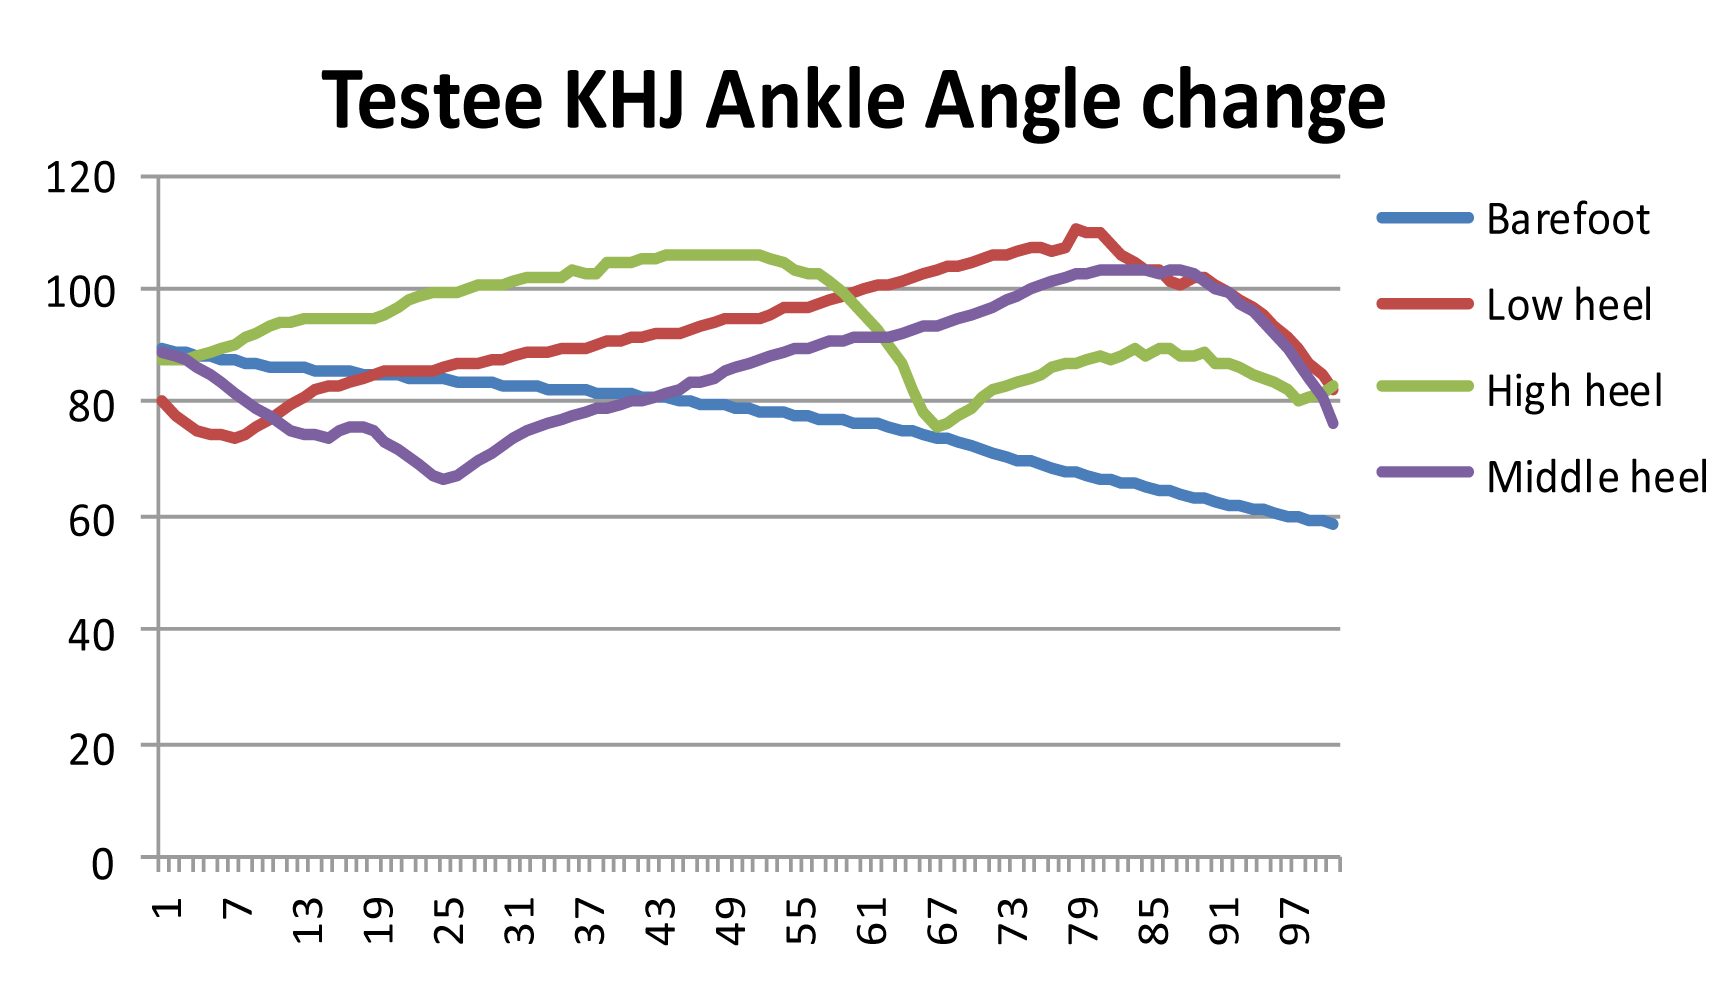 Testee KHJ - Ankle Angle change